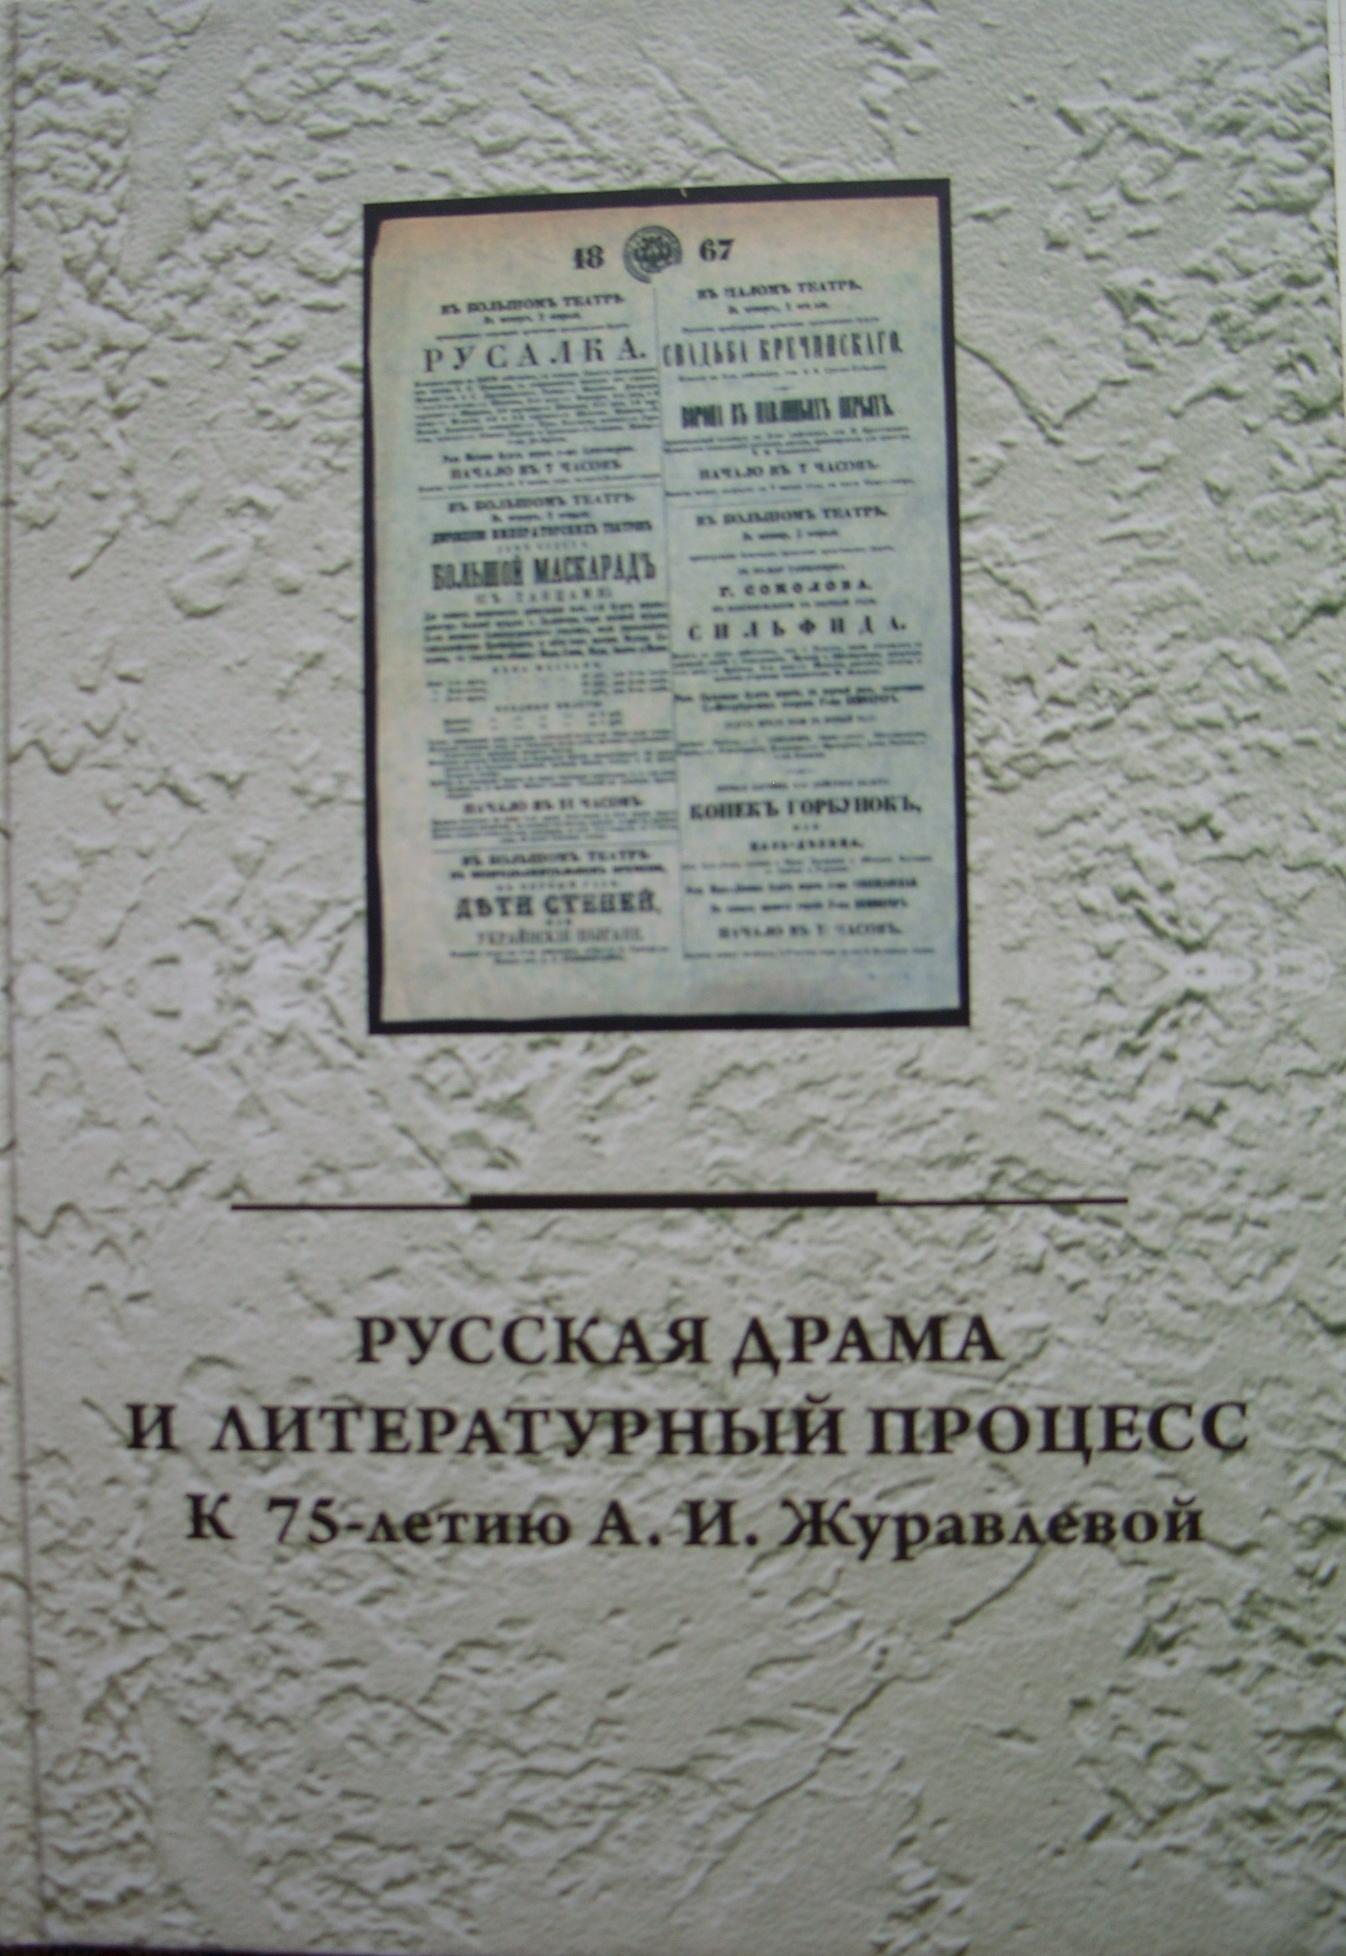 Русская драма и литературный процесс. К 75-летию А.И. Журавлевой